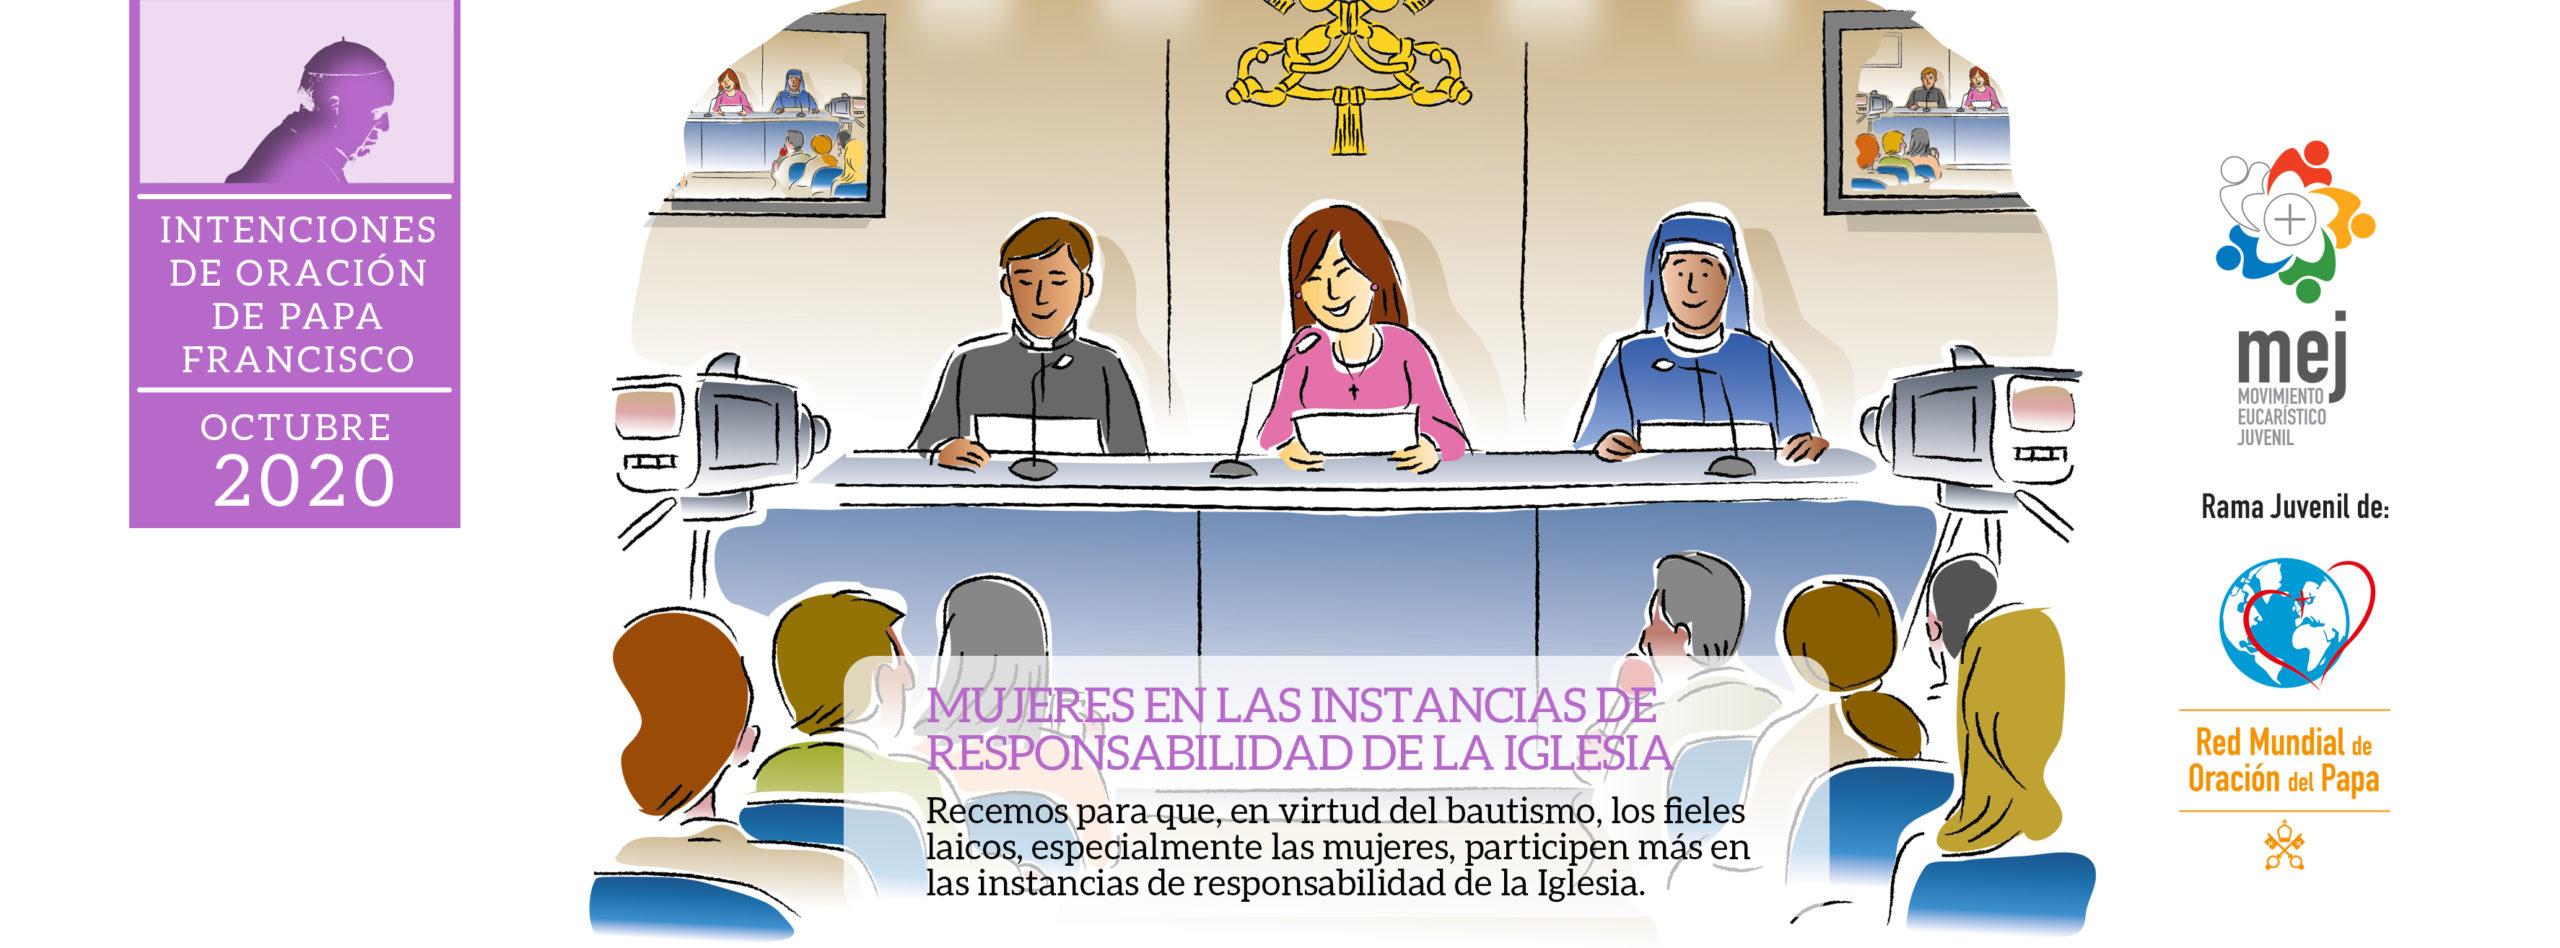 intenciones de oración de papa Francisco octubre 2020 Red Mundial de Oración del Papa